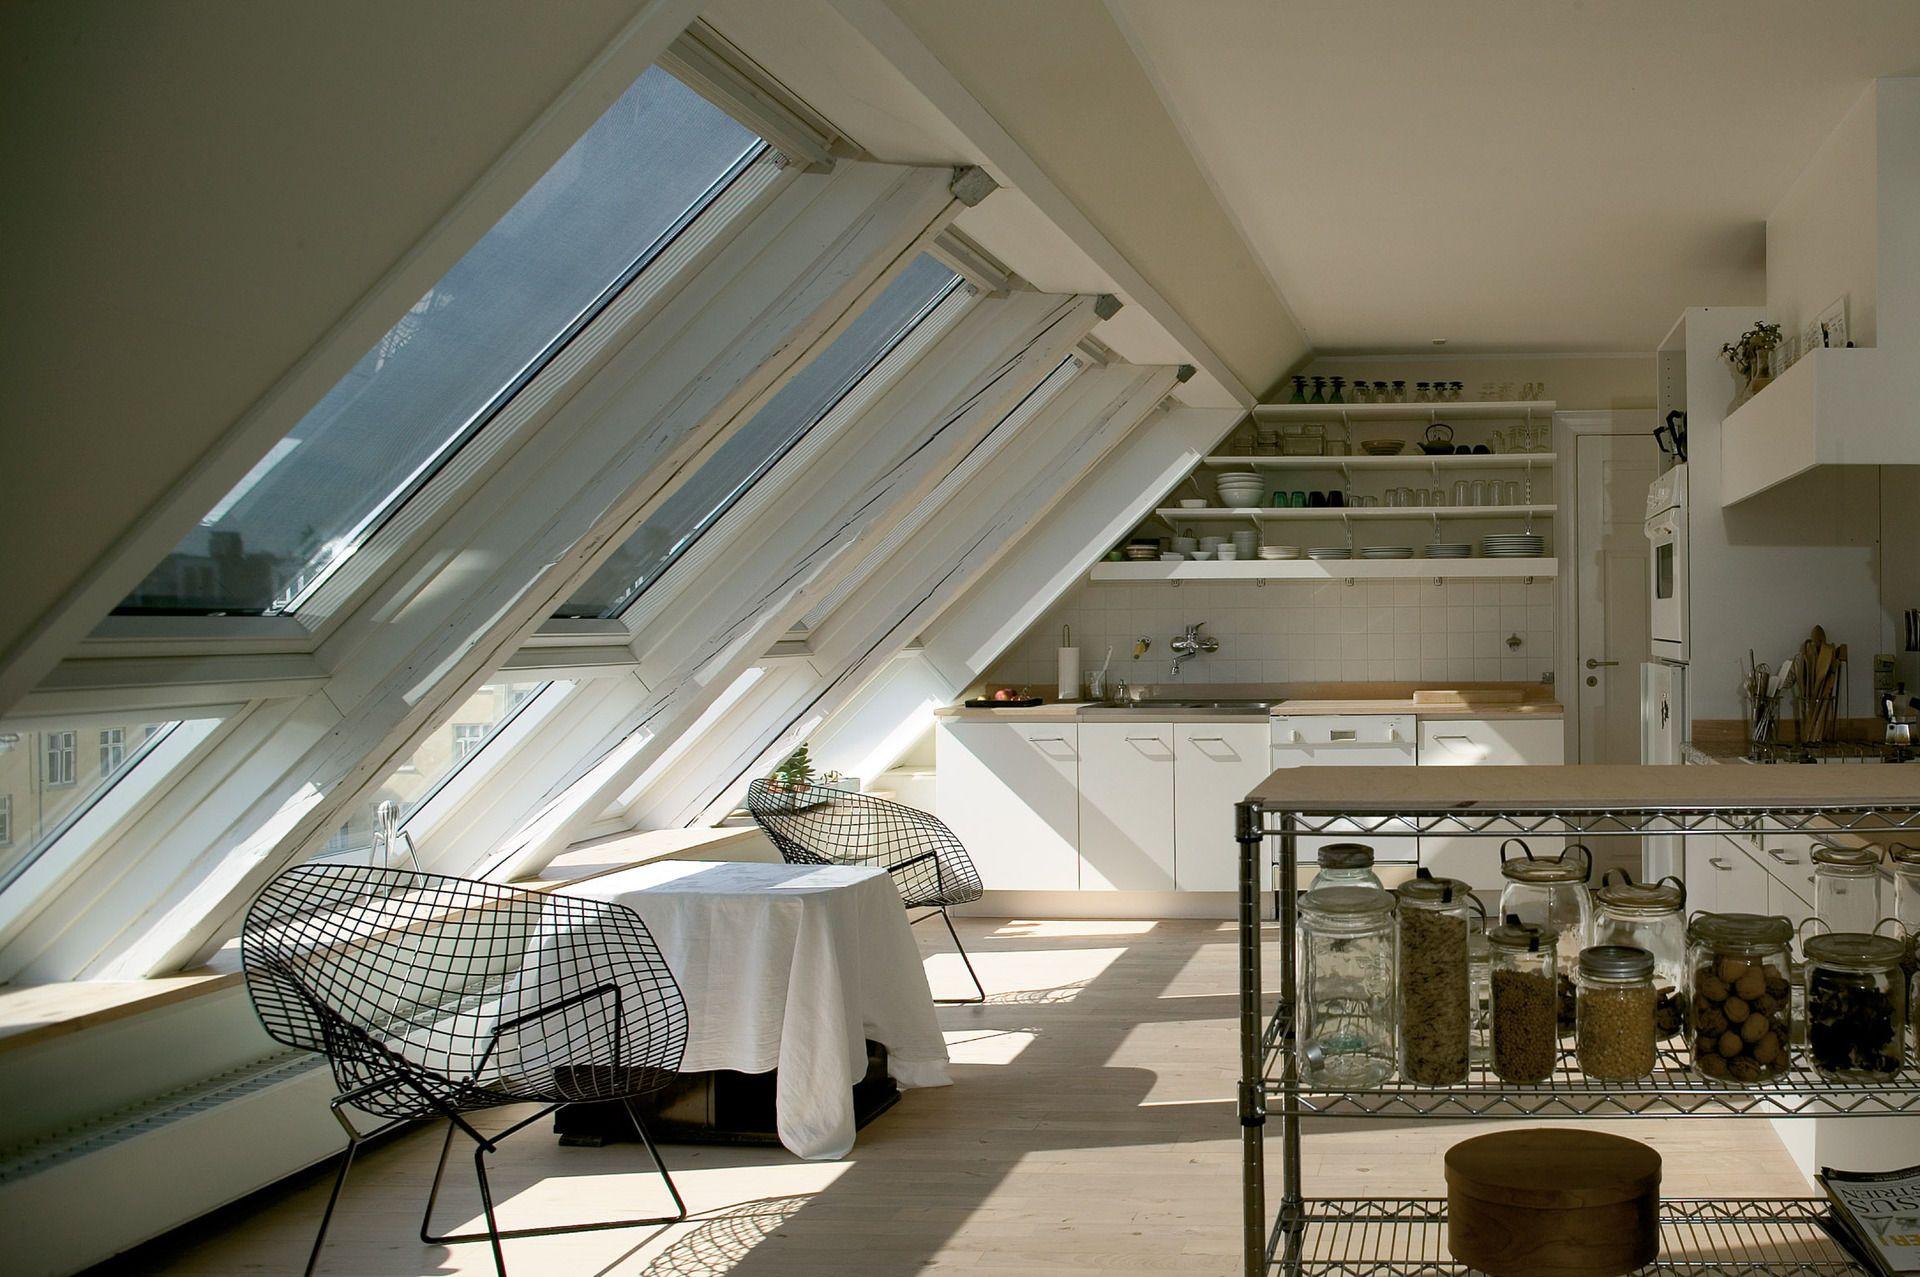 Super Gegen die Hitze: Sonnenschutz in Dachwohnungen - bauemotion.de OA65